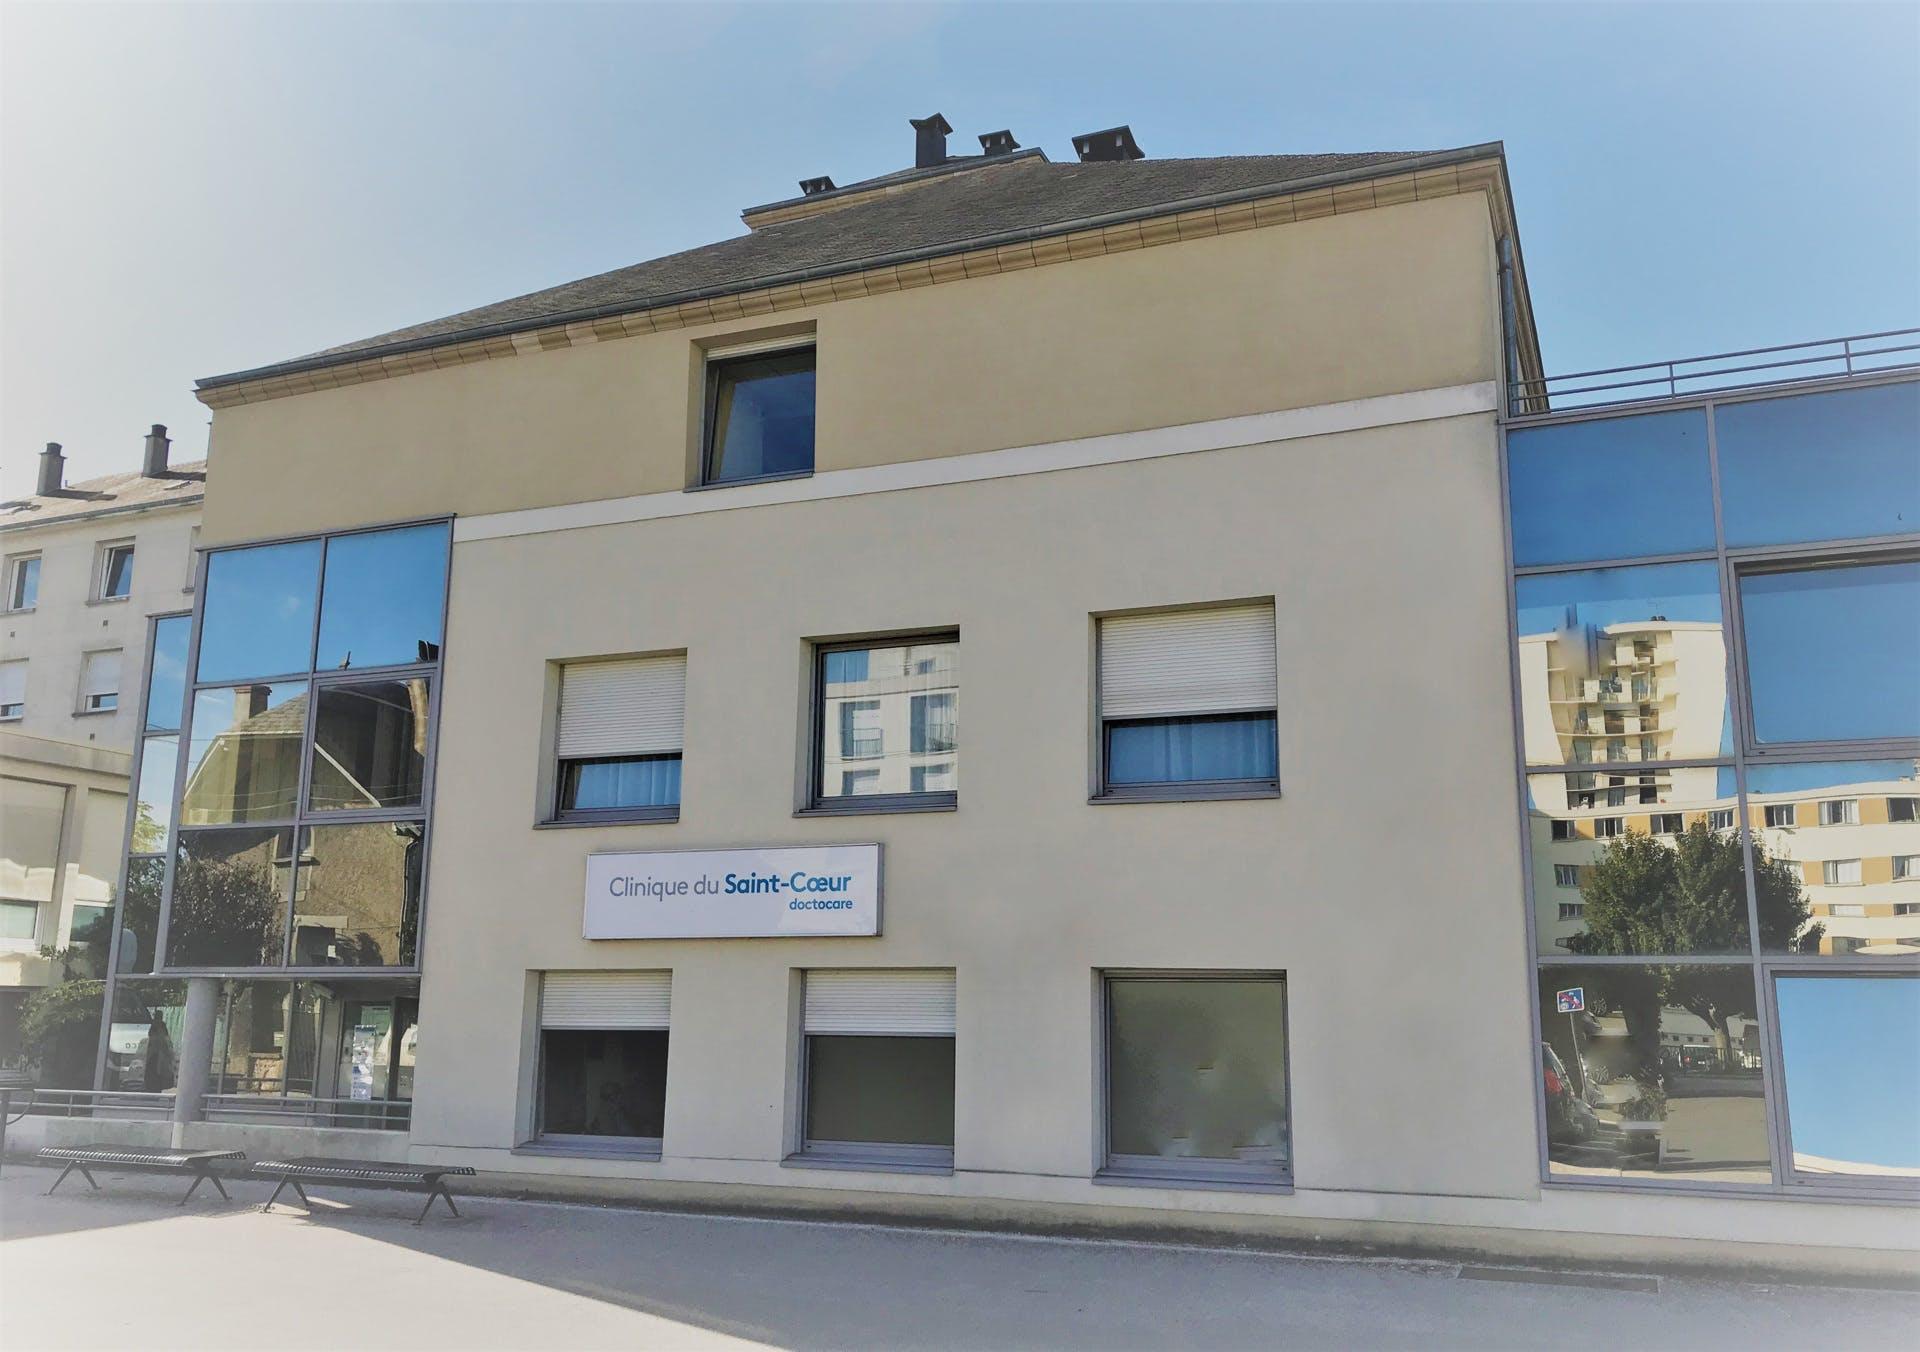 Clinique Saint-Cœur